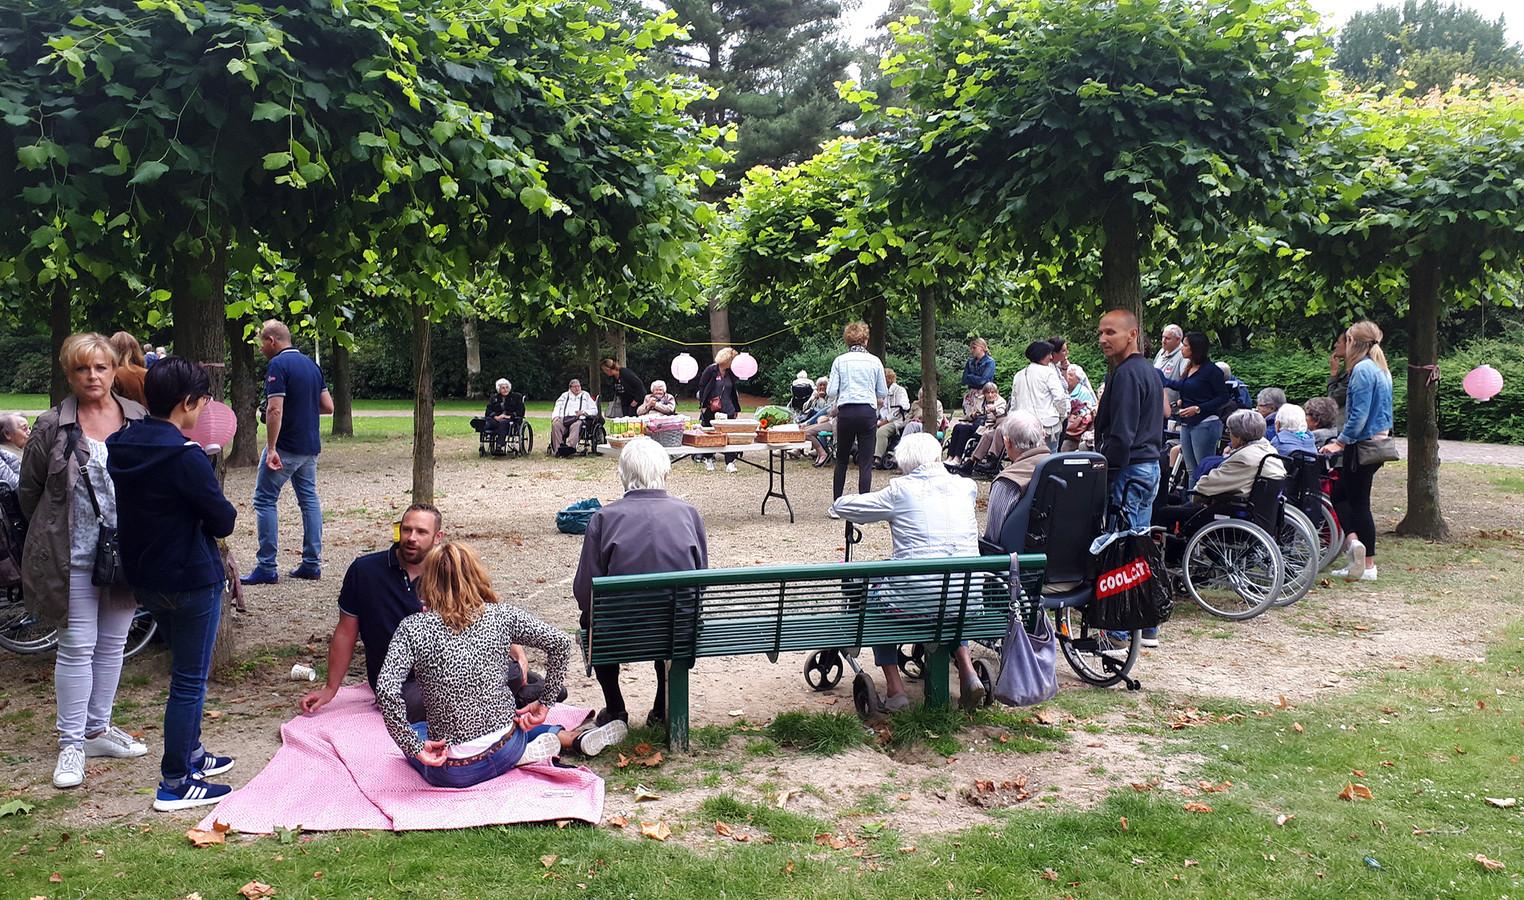 Bewoners van de Bloemschevaert kregen in het Godwaldtpark een picnic tijdens de vijfde Roosendaal Raakt.